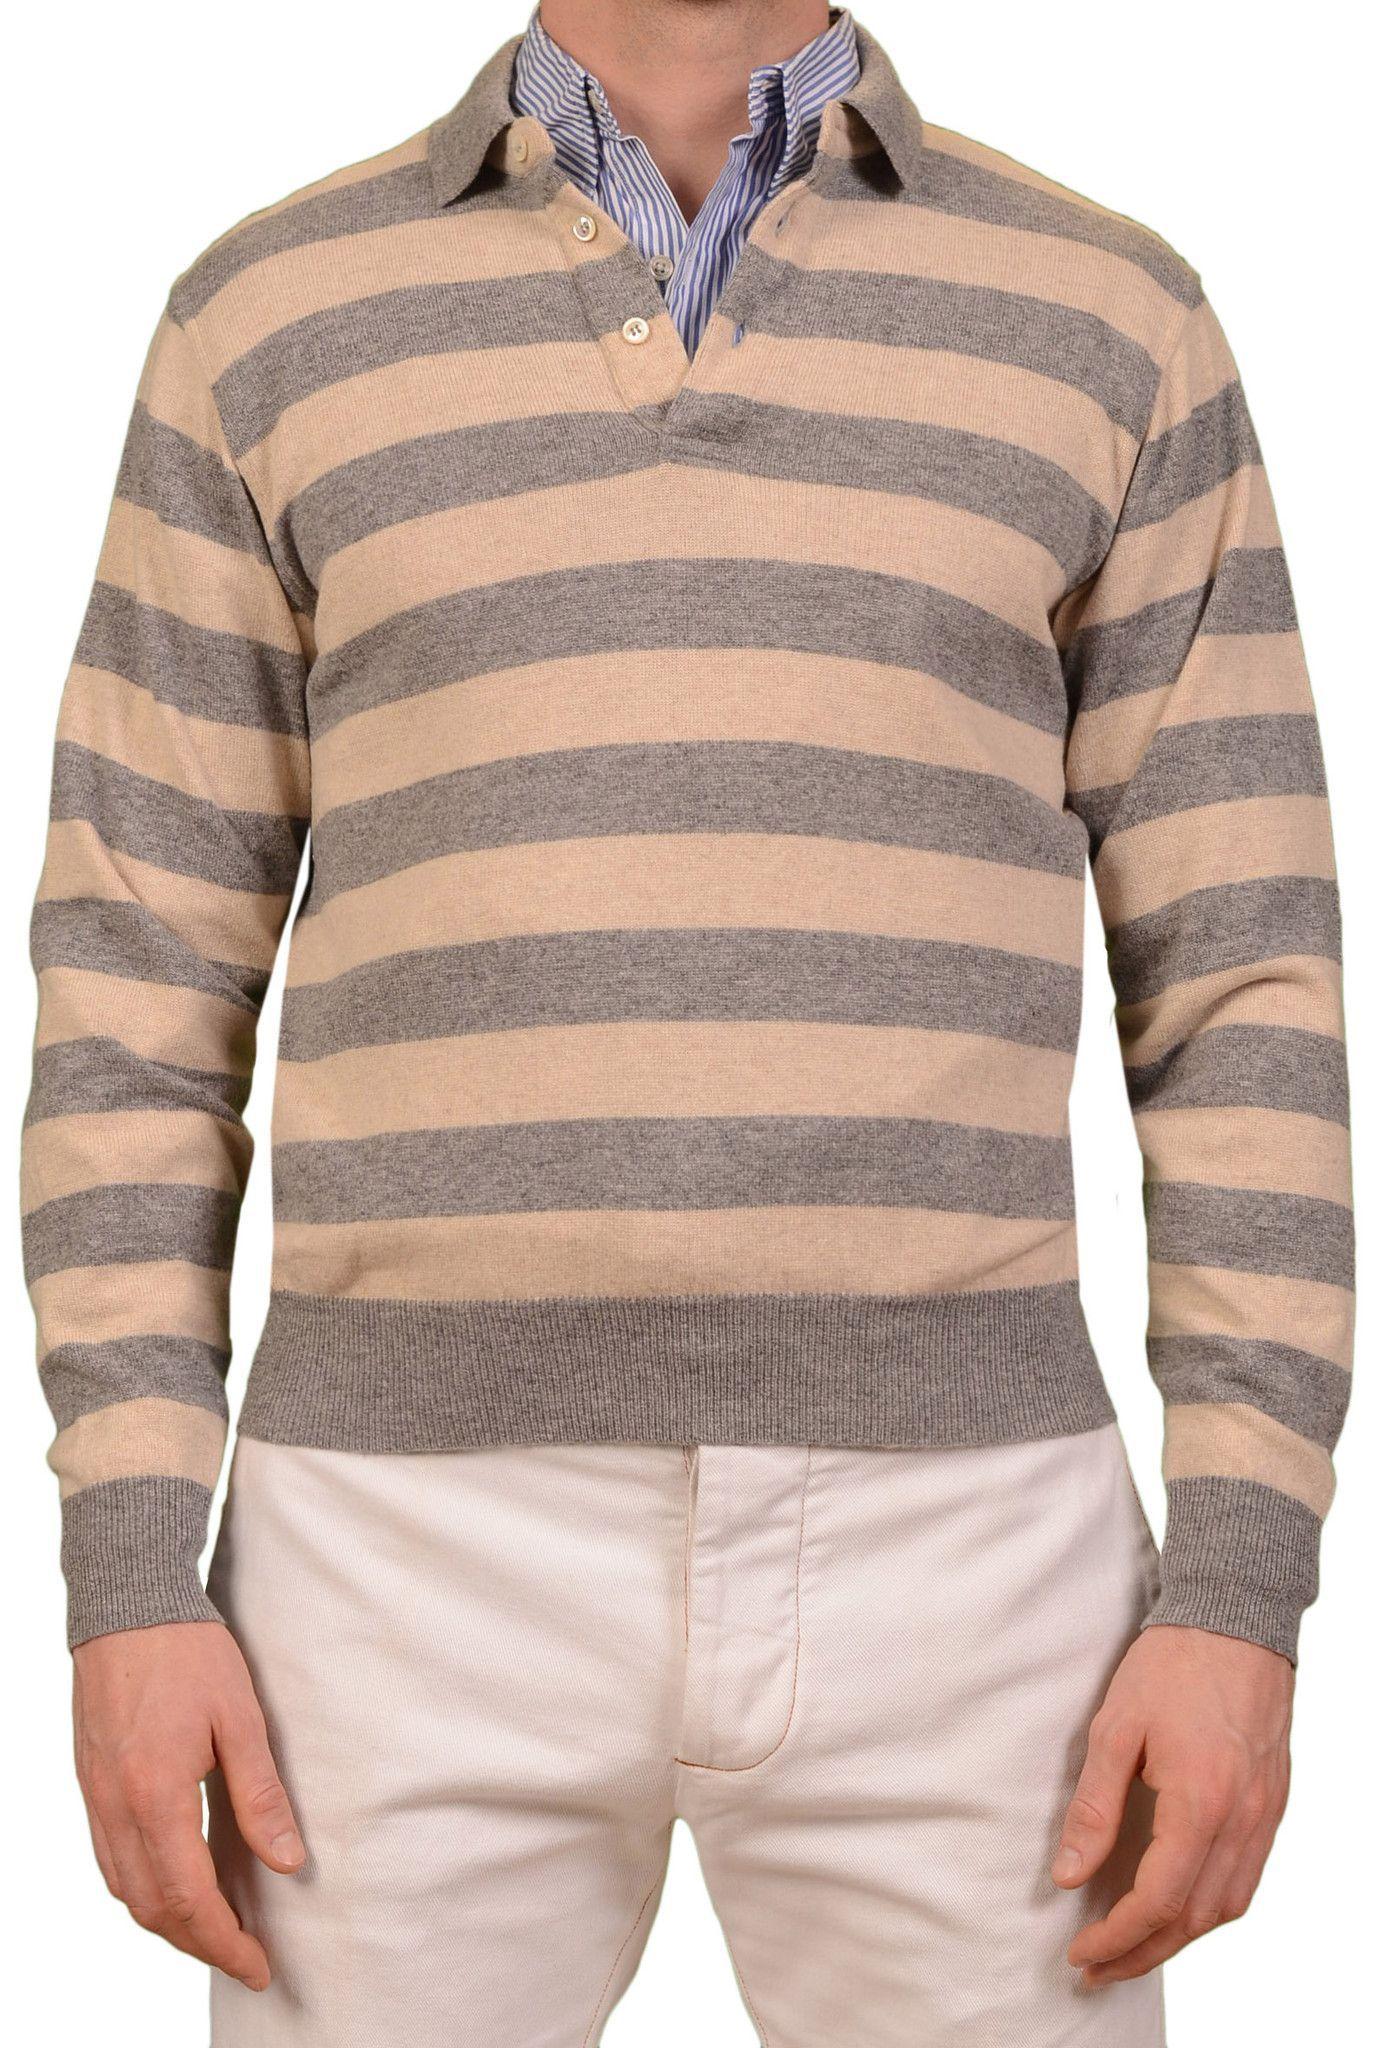 on sale aba39 524d6 RUBINACCI Napoli Gray-Beige Striped Cashmere Ribbed Polo ...